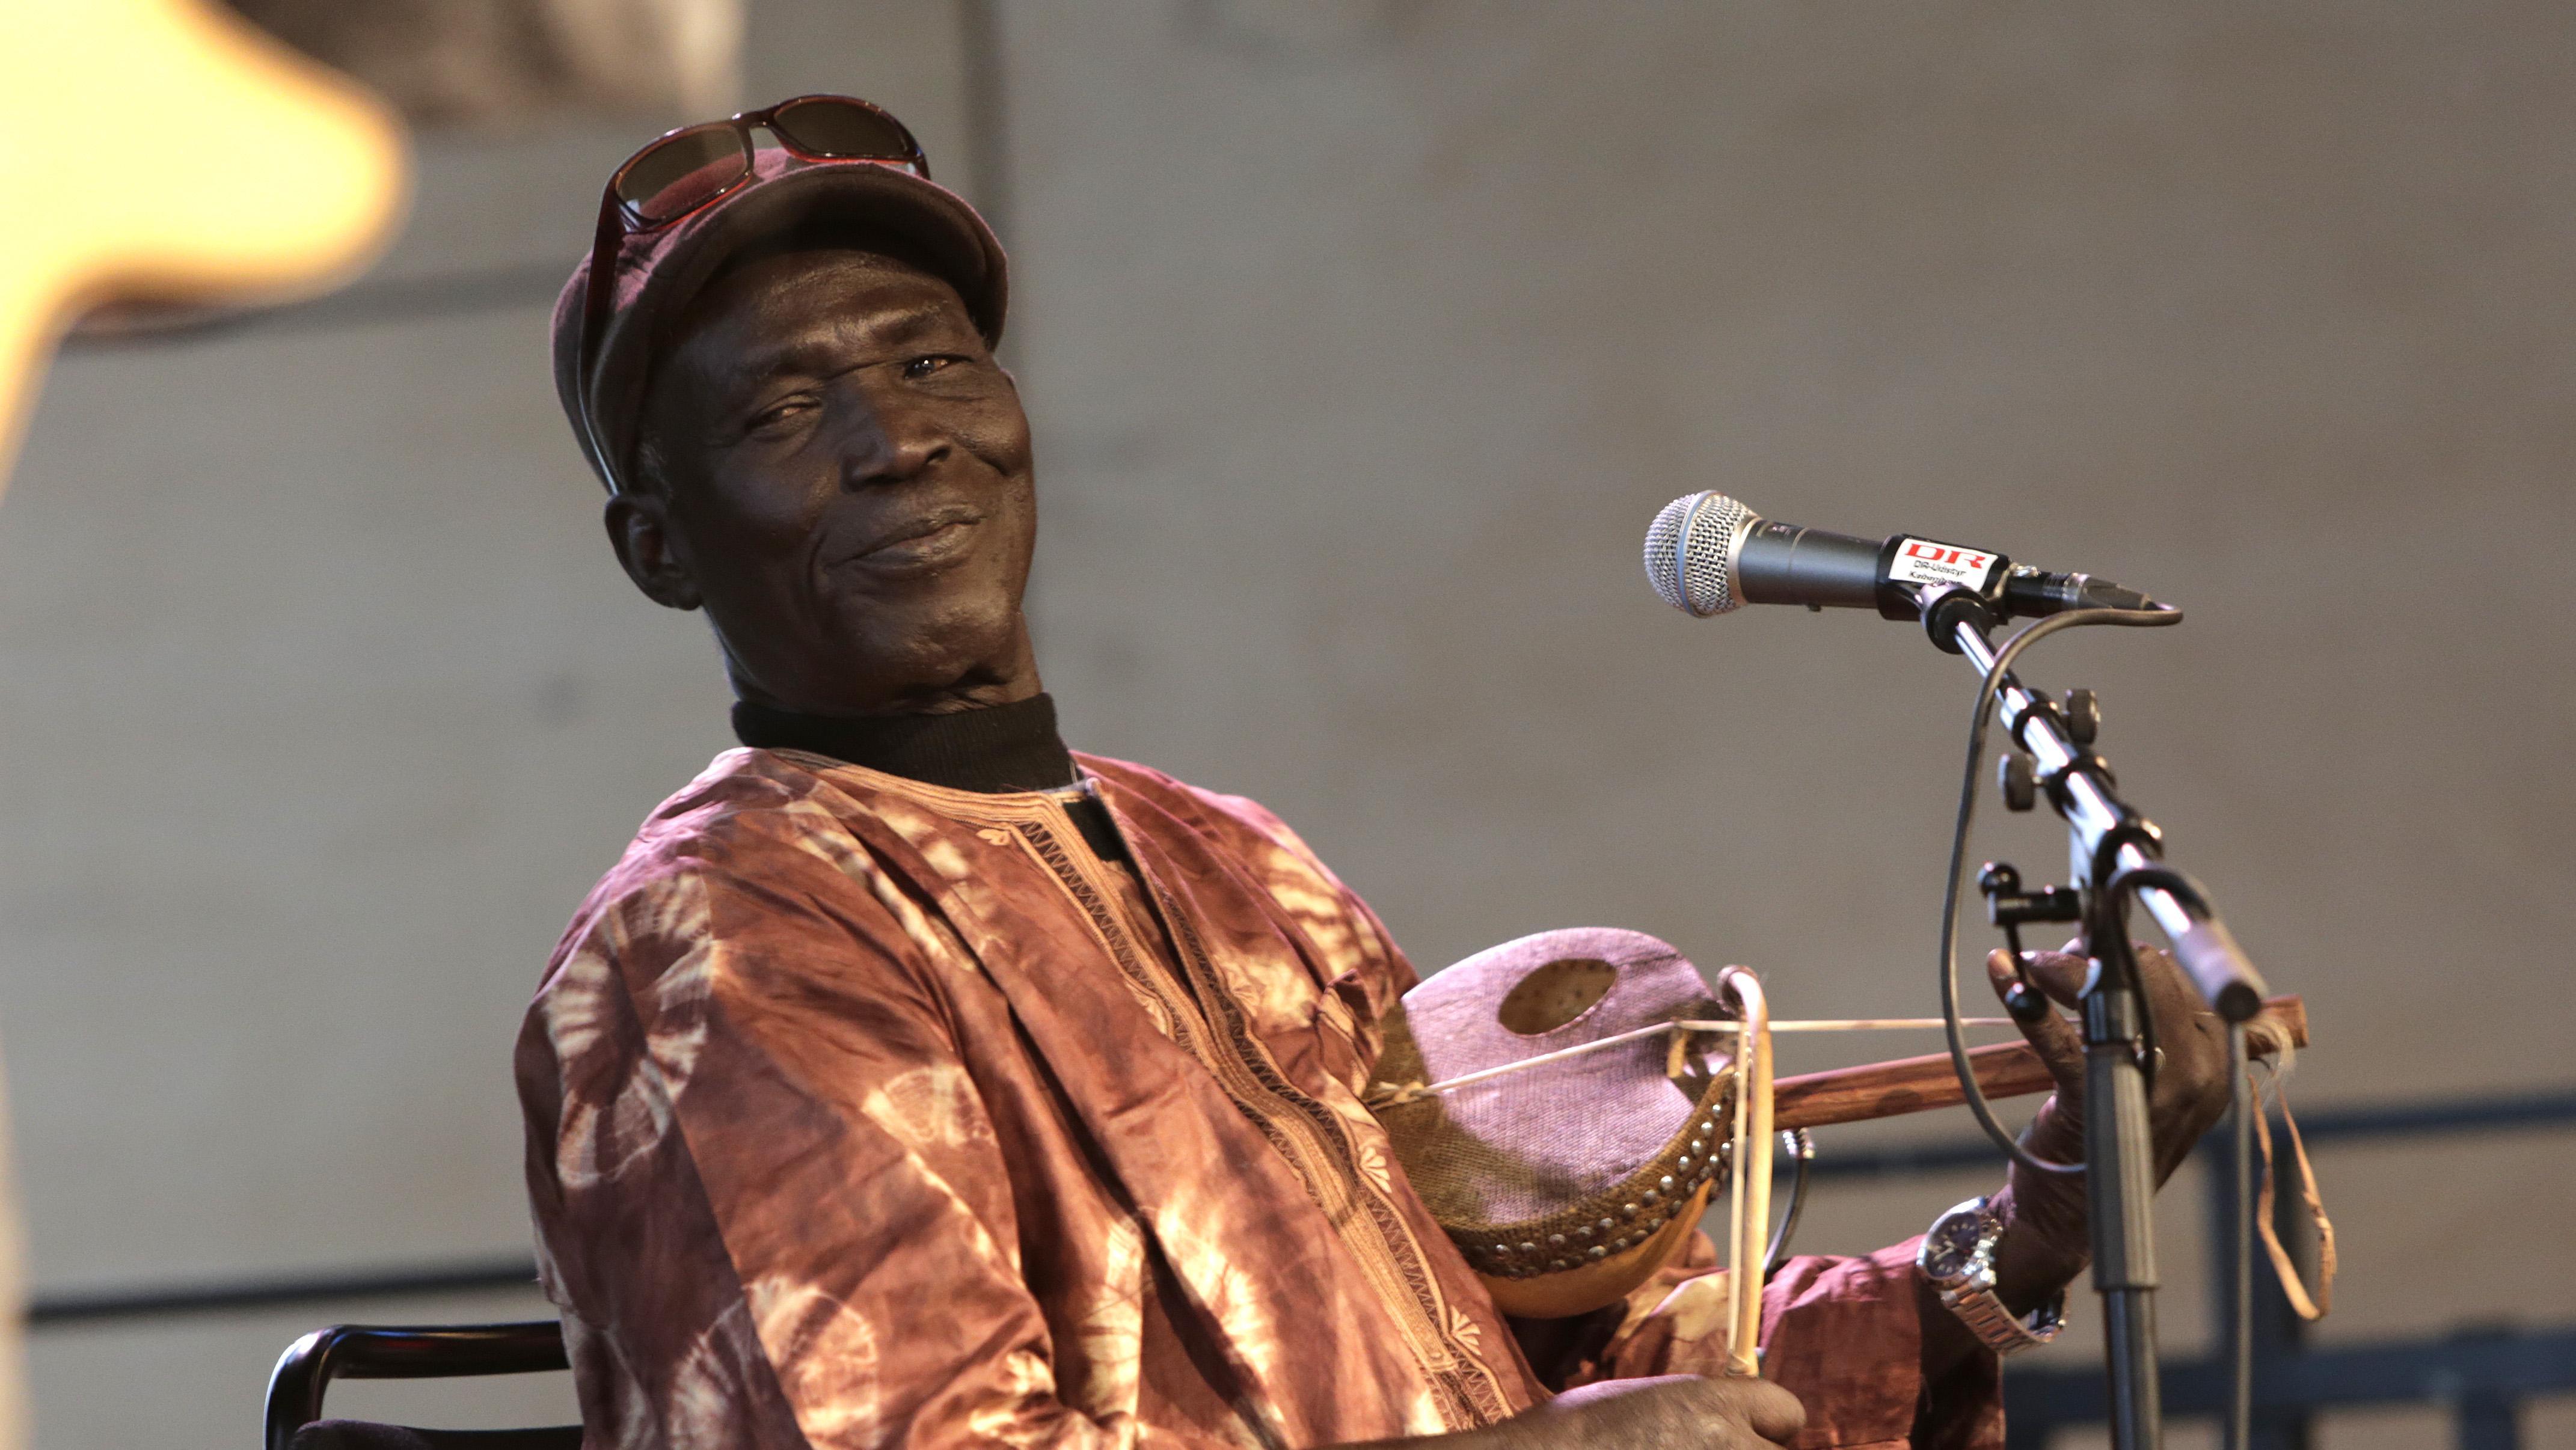 Musikariet, Moussa Diallo Mali november 2013